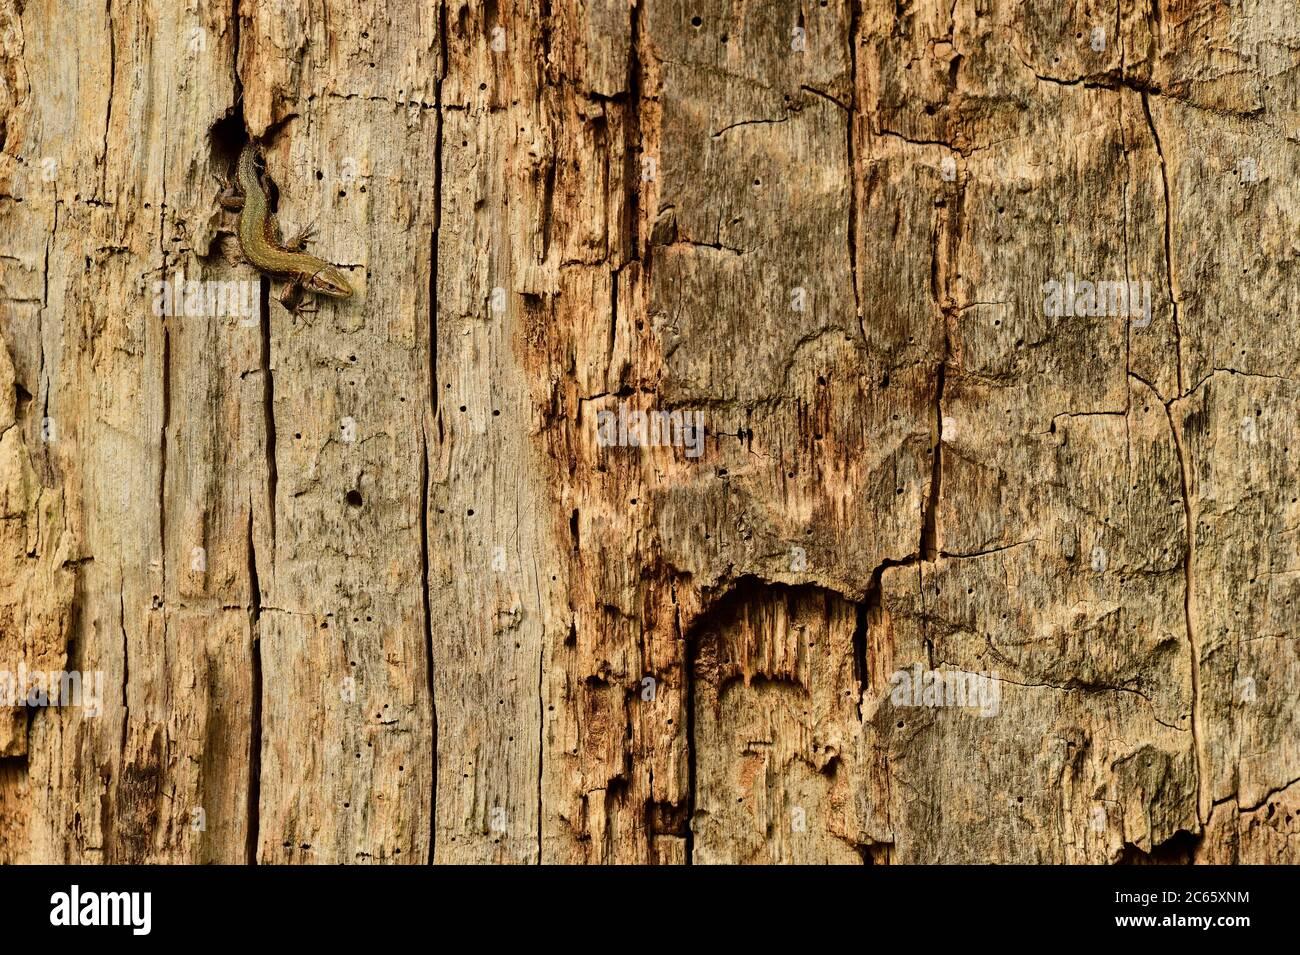 Tiereidechse (Zootoca vivipara) auf der Jagd nach Insekten in Eichenholfen, Biosphärenreservat Niedersächsische Elbtalaue, Niedersachsen, Deutschland Stockfoto